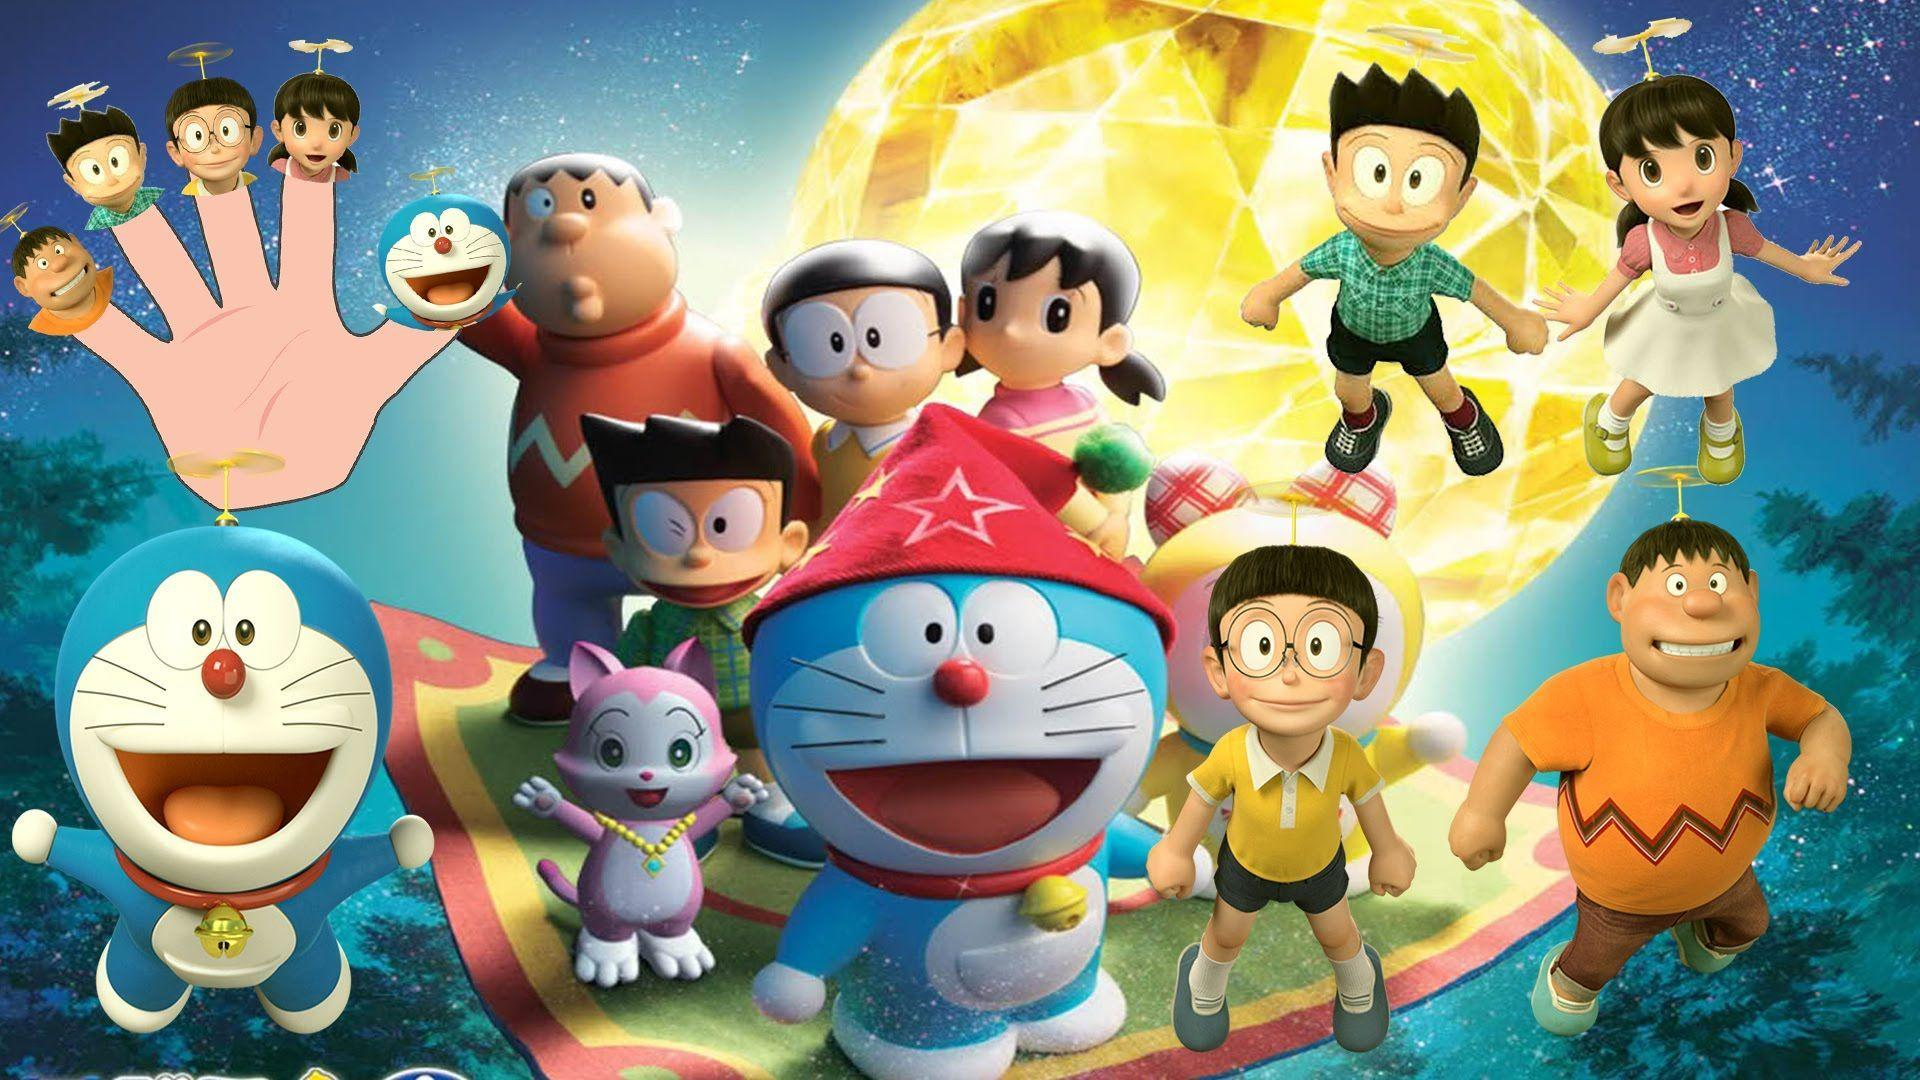 3d Doraemon Wallpaper Cartoon Friends Images Hd 80035 Hd